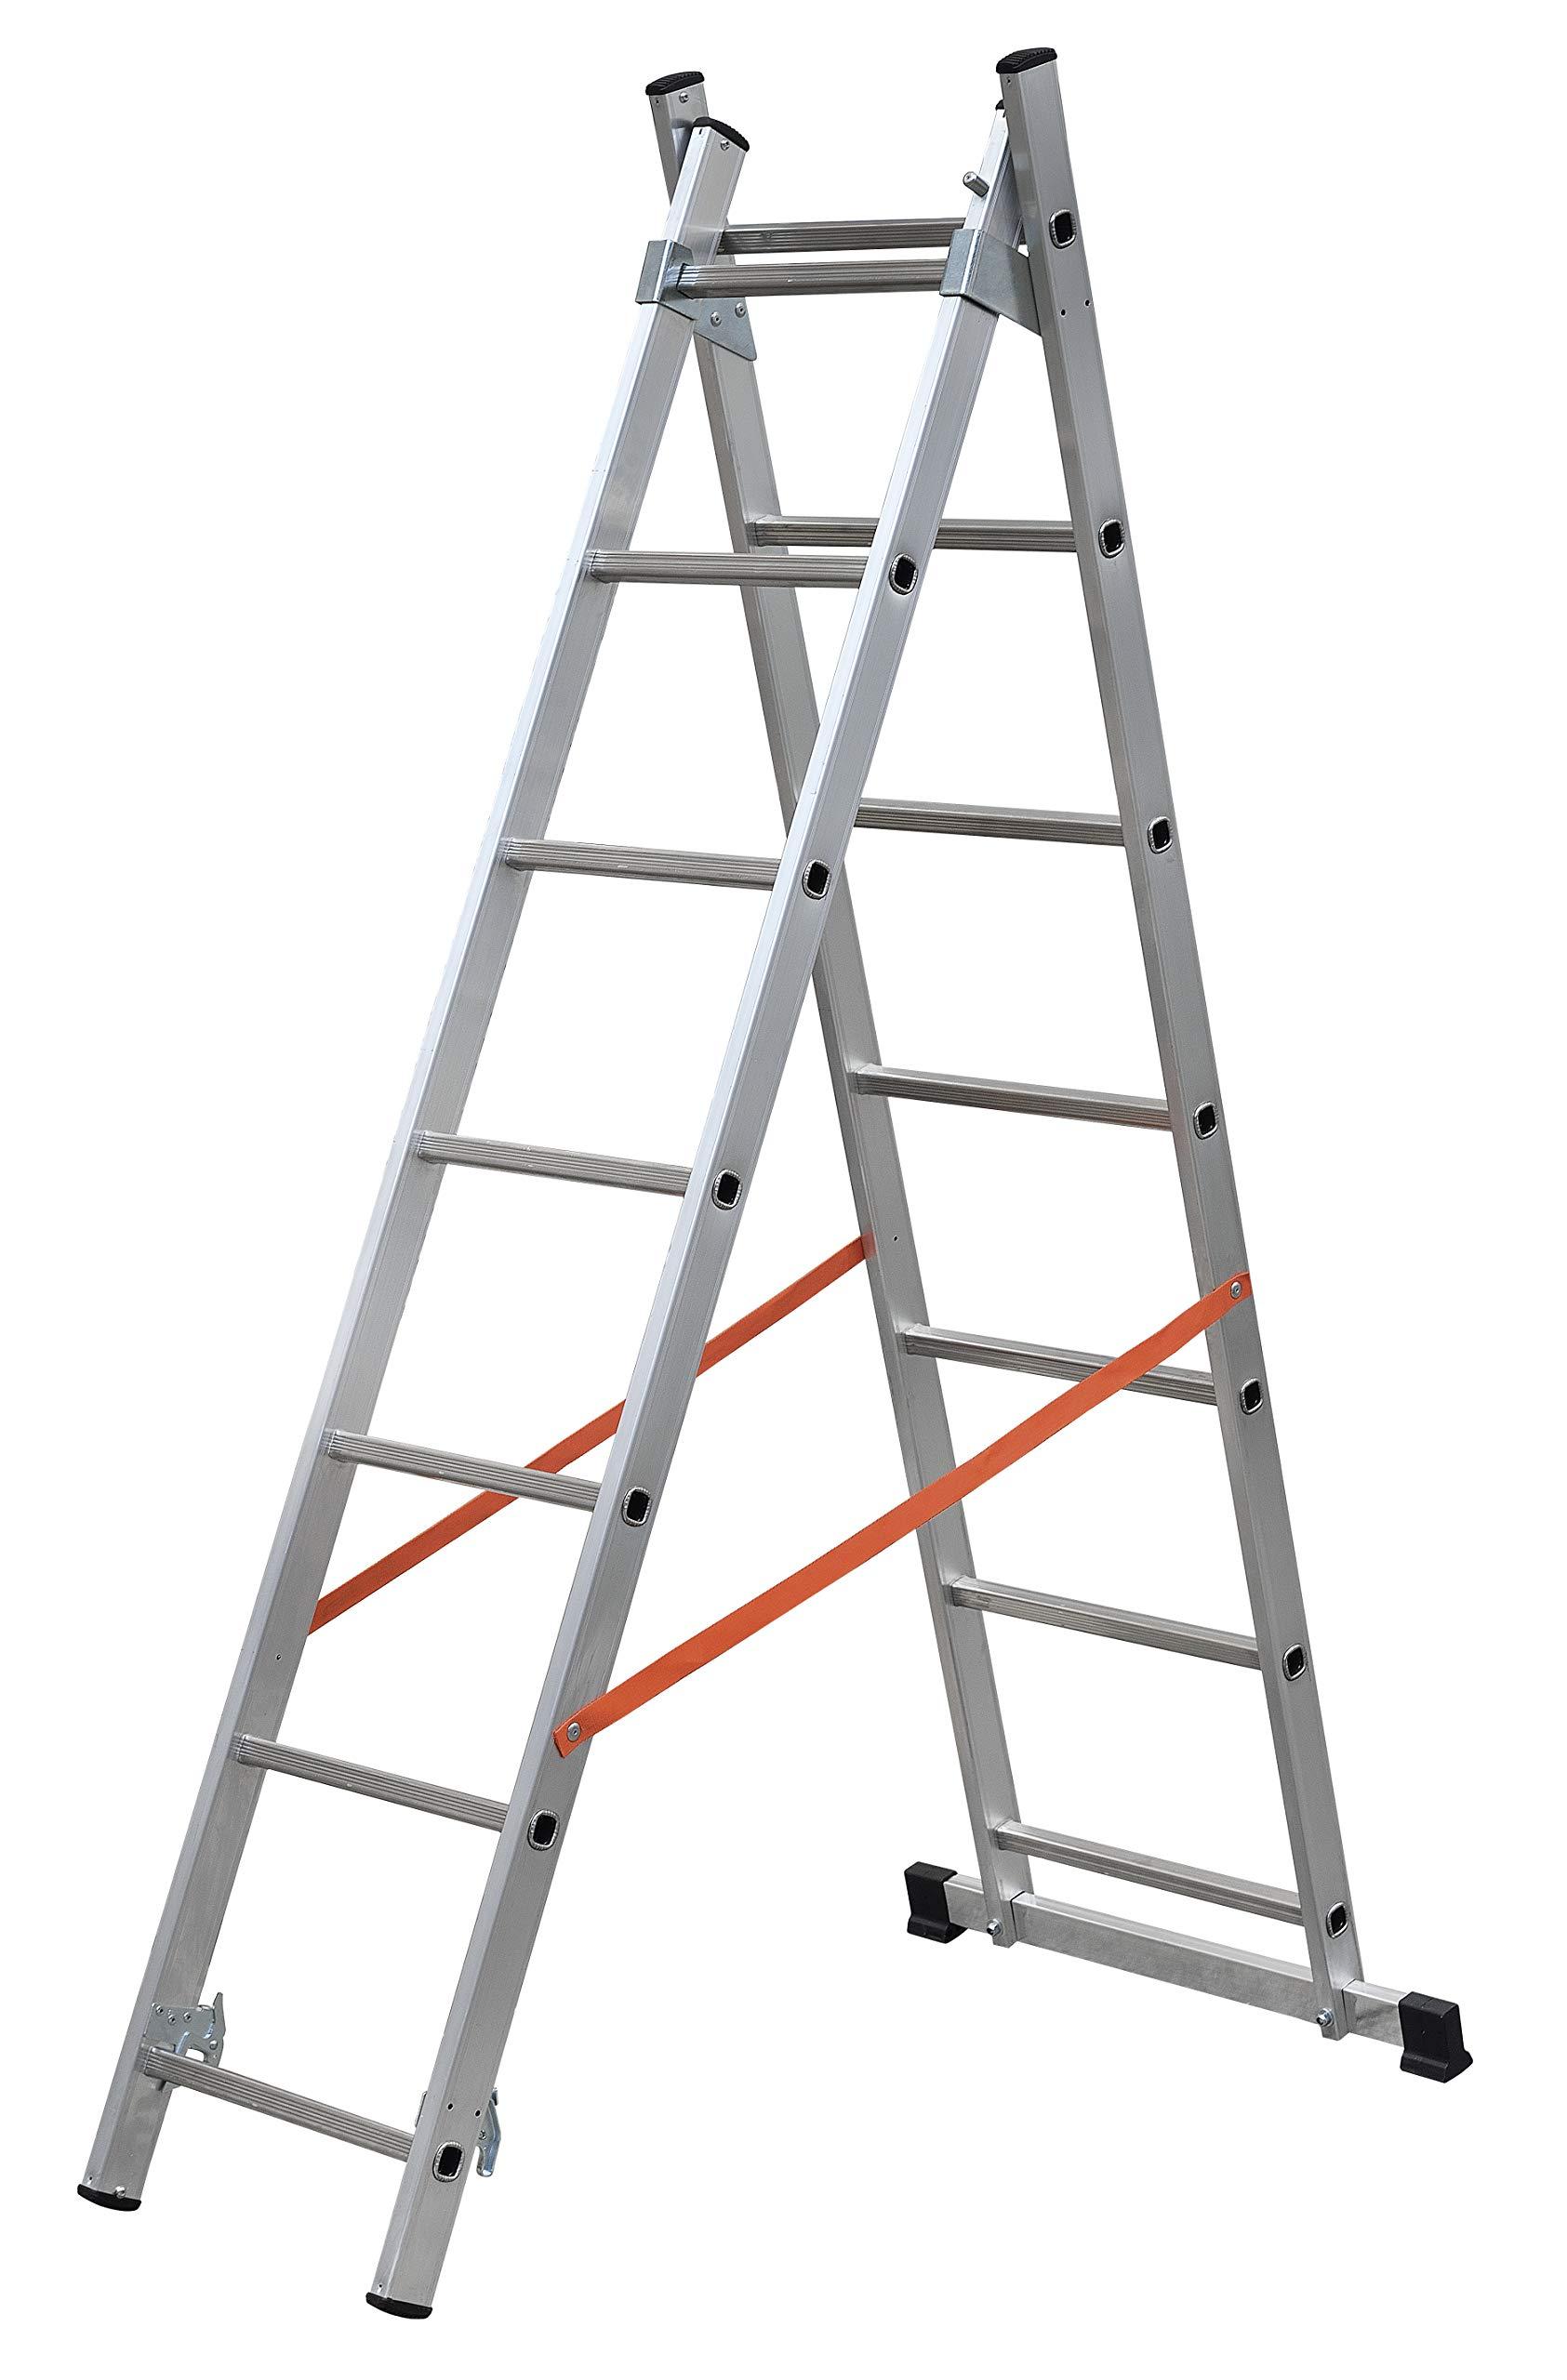 Escalera a dos elementos (aluminio, utilizable a Sfilo o a caballete. dotata de estabilizador de base, Tirante antiapertura y limitador de altura.: Amazon.es: Bricolaje y herramientas